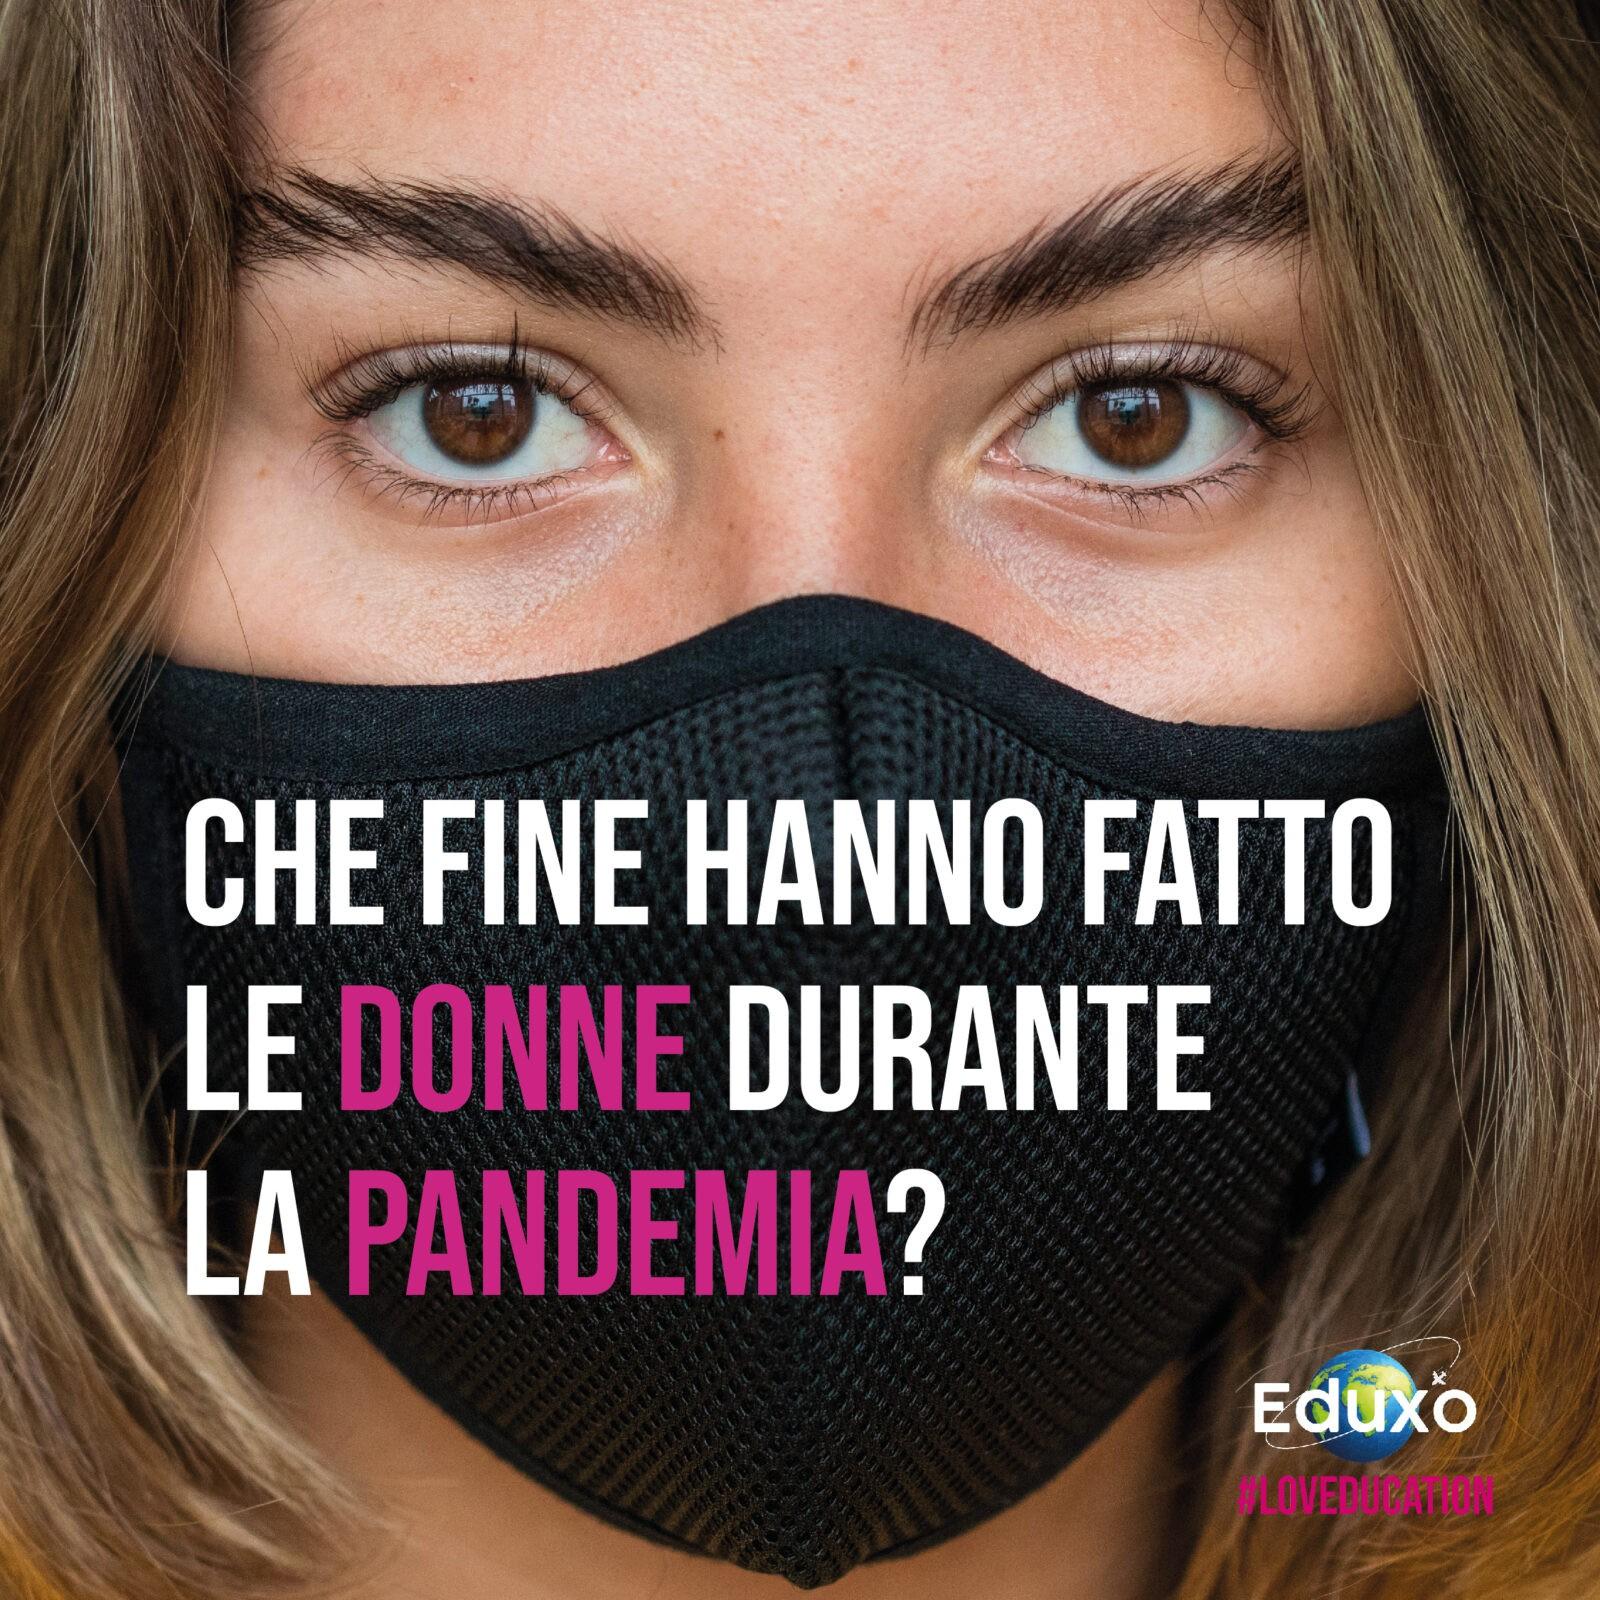 You are currently viewing Che fine hanno fatto le donne durante la pandemia?